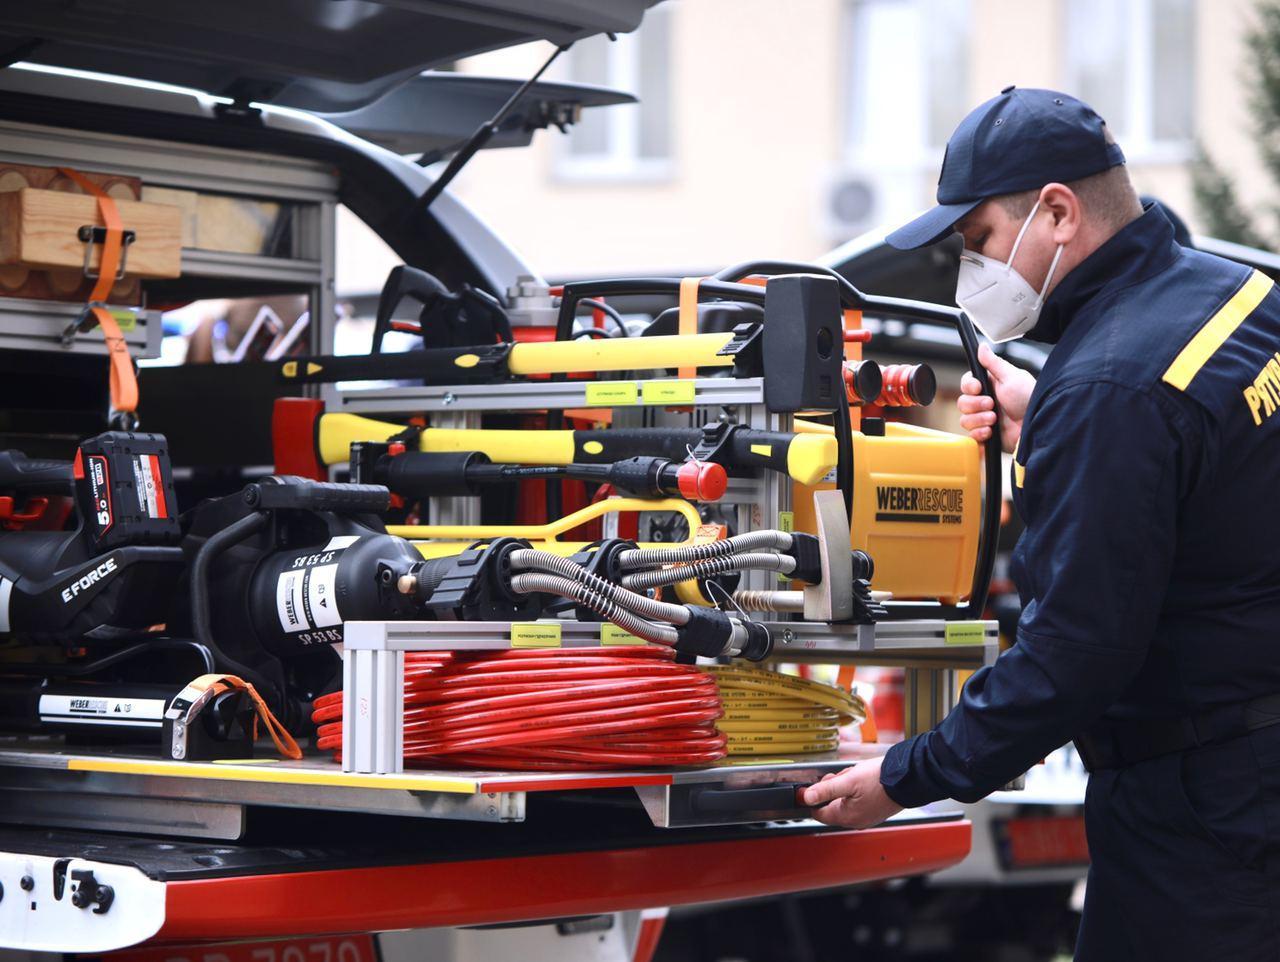 Без Купюр Рятувальники Кіровоградщини отримають 3 автомобіля Ford Ranger. ФОТО За кермом  новини Кіровоградщина ДСНС Ford Ranger 2020 рік